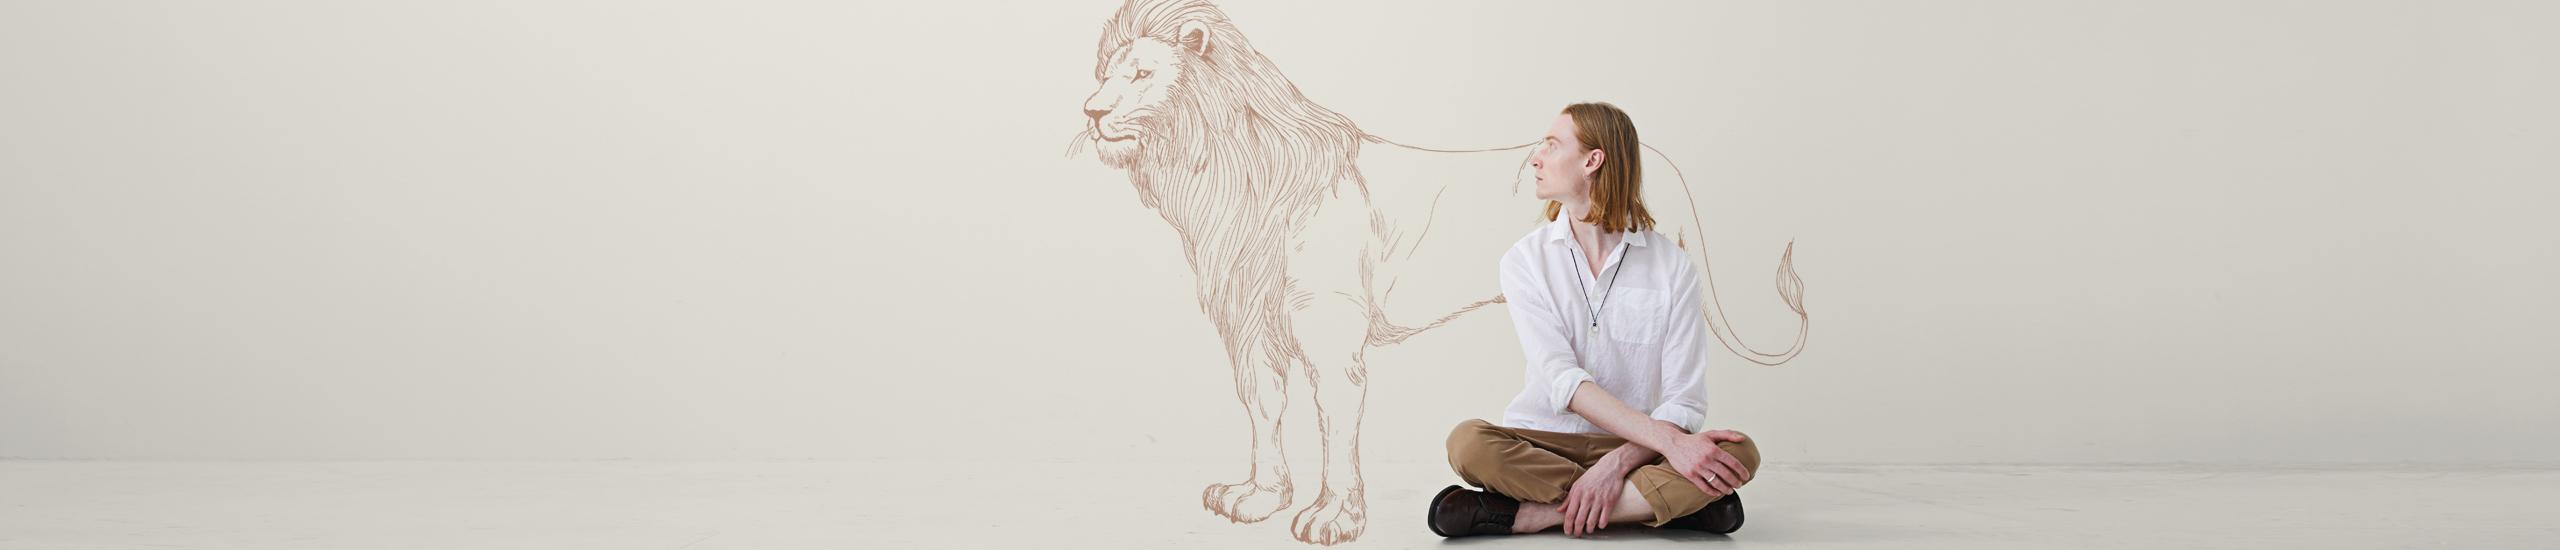 メンズネックレスはLION HEART(ライオンハート)|ライオンハート 公式ECショップ